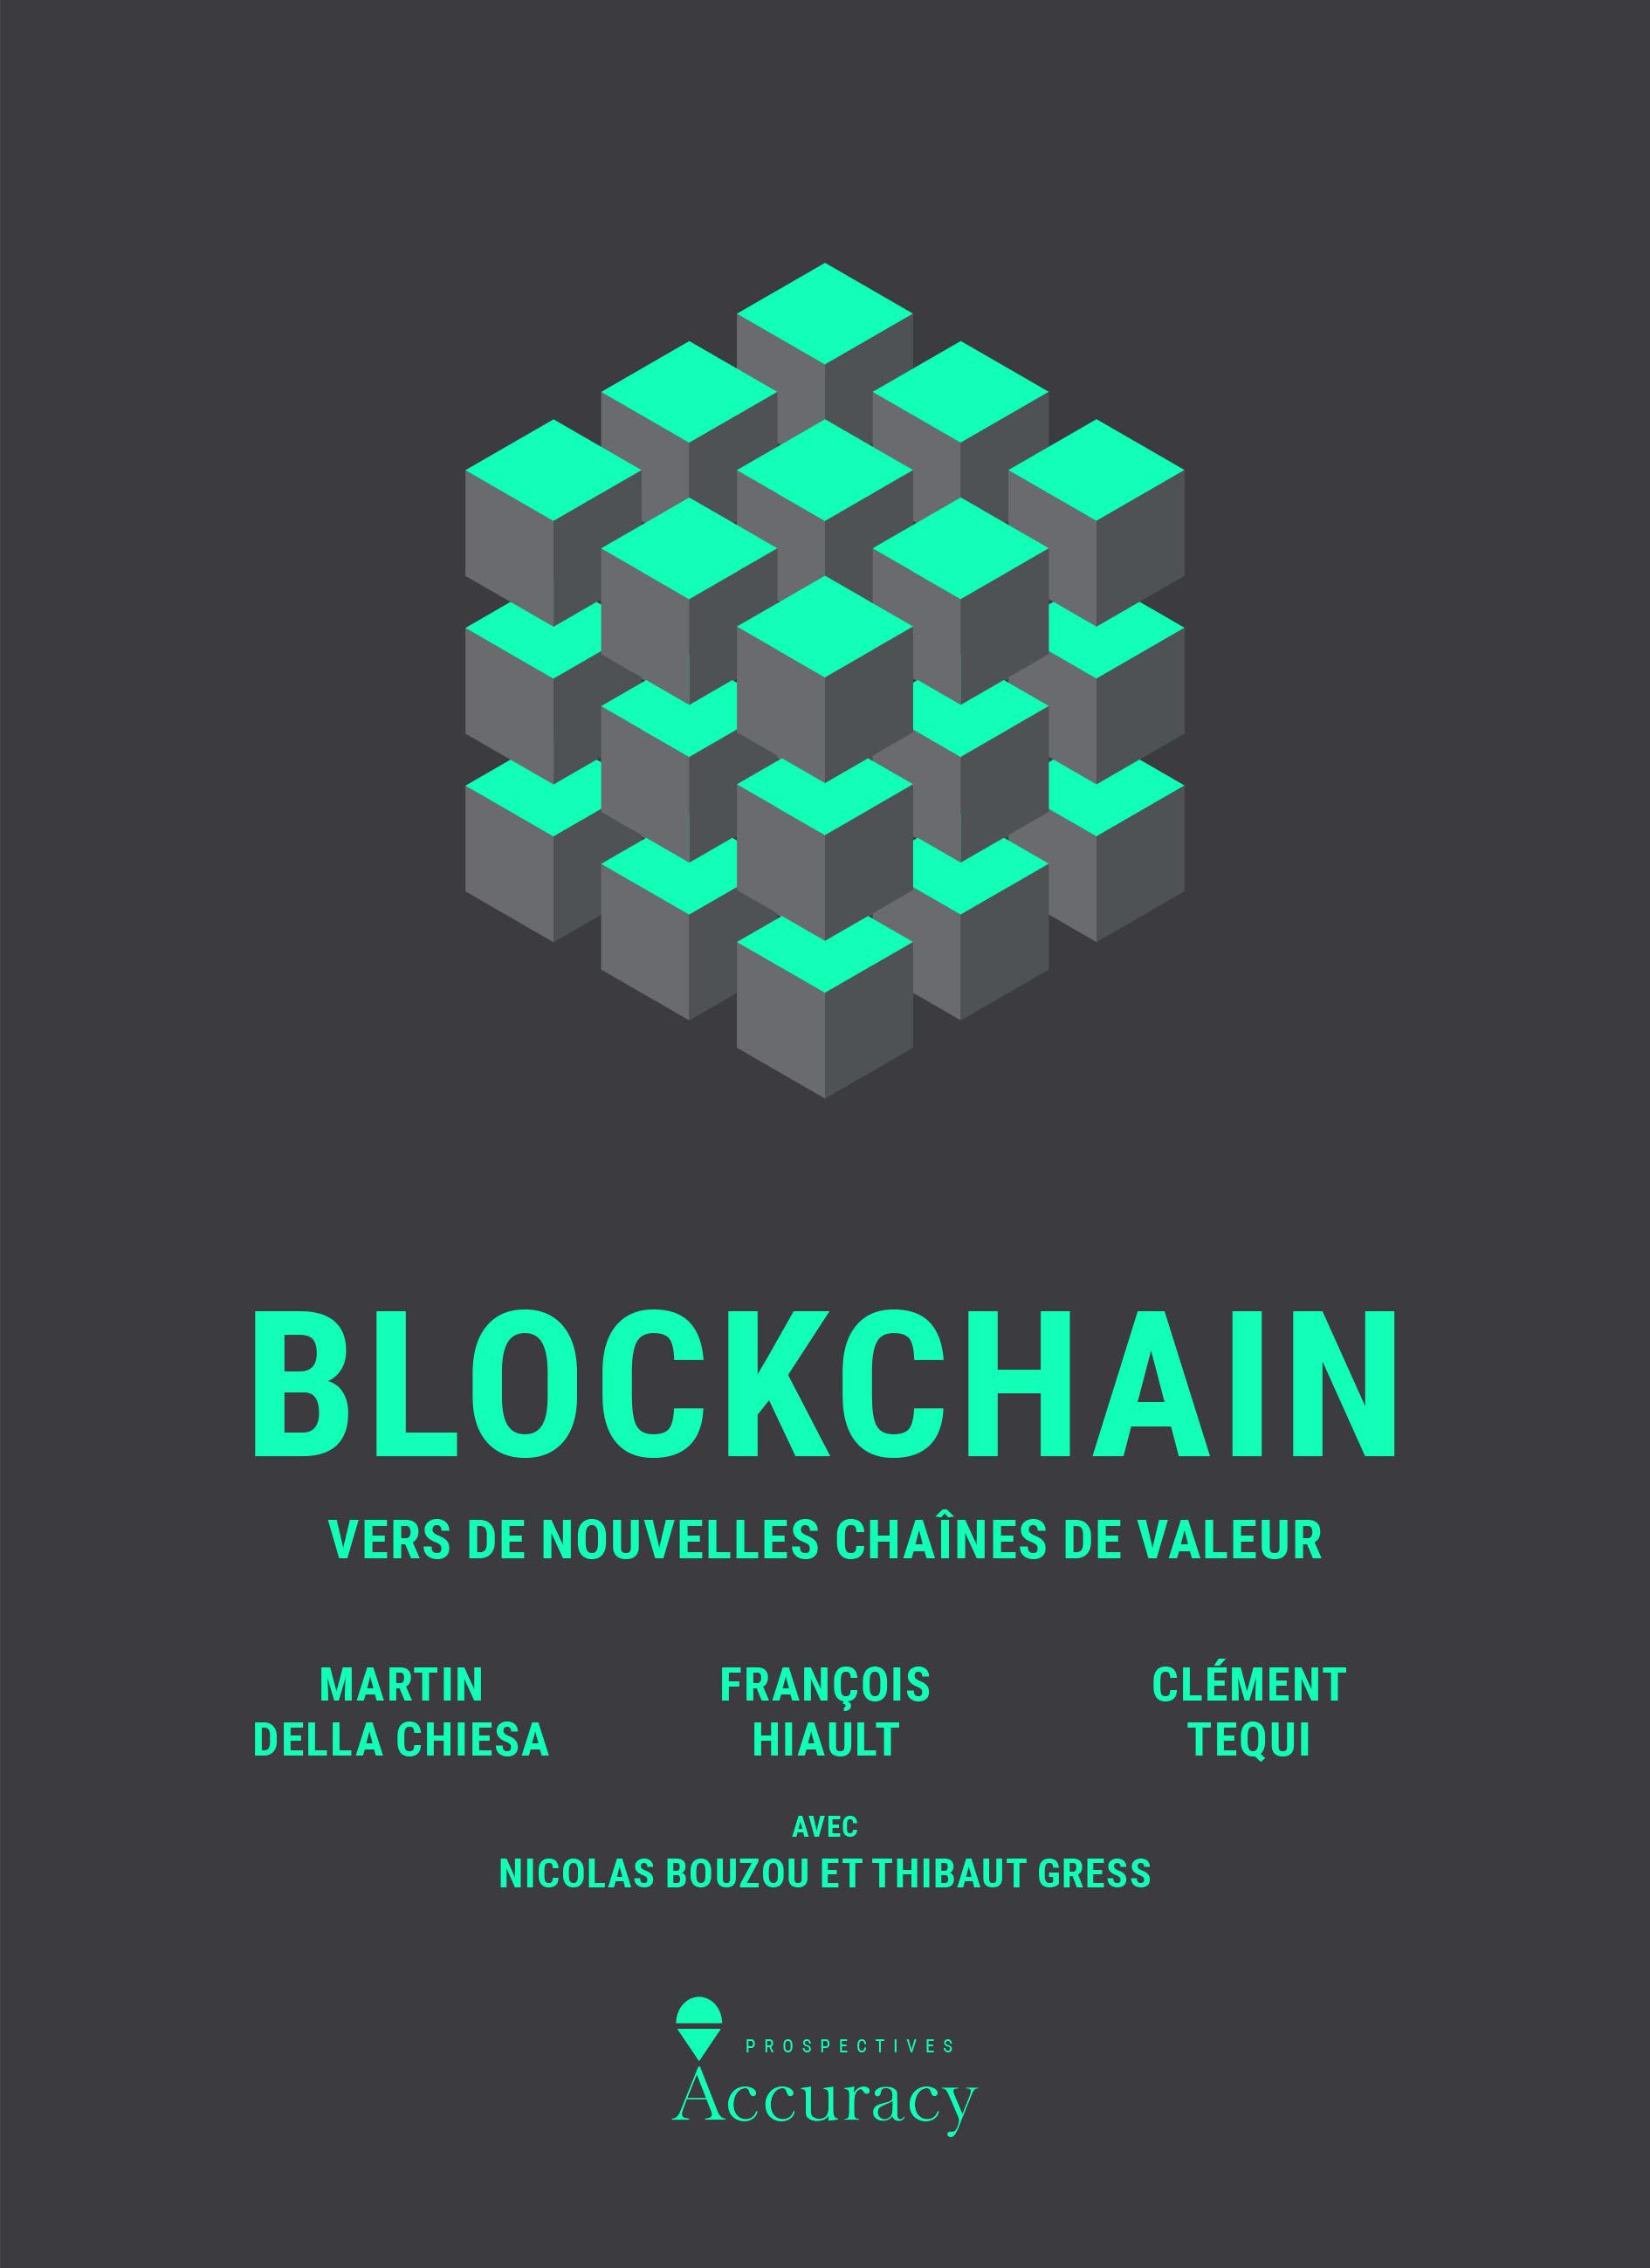 Livre: Blockchain, vers de nouvelles chaînes de valeur (seconde partie) 0001